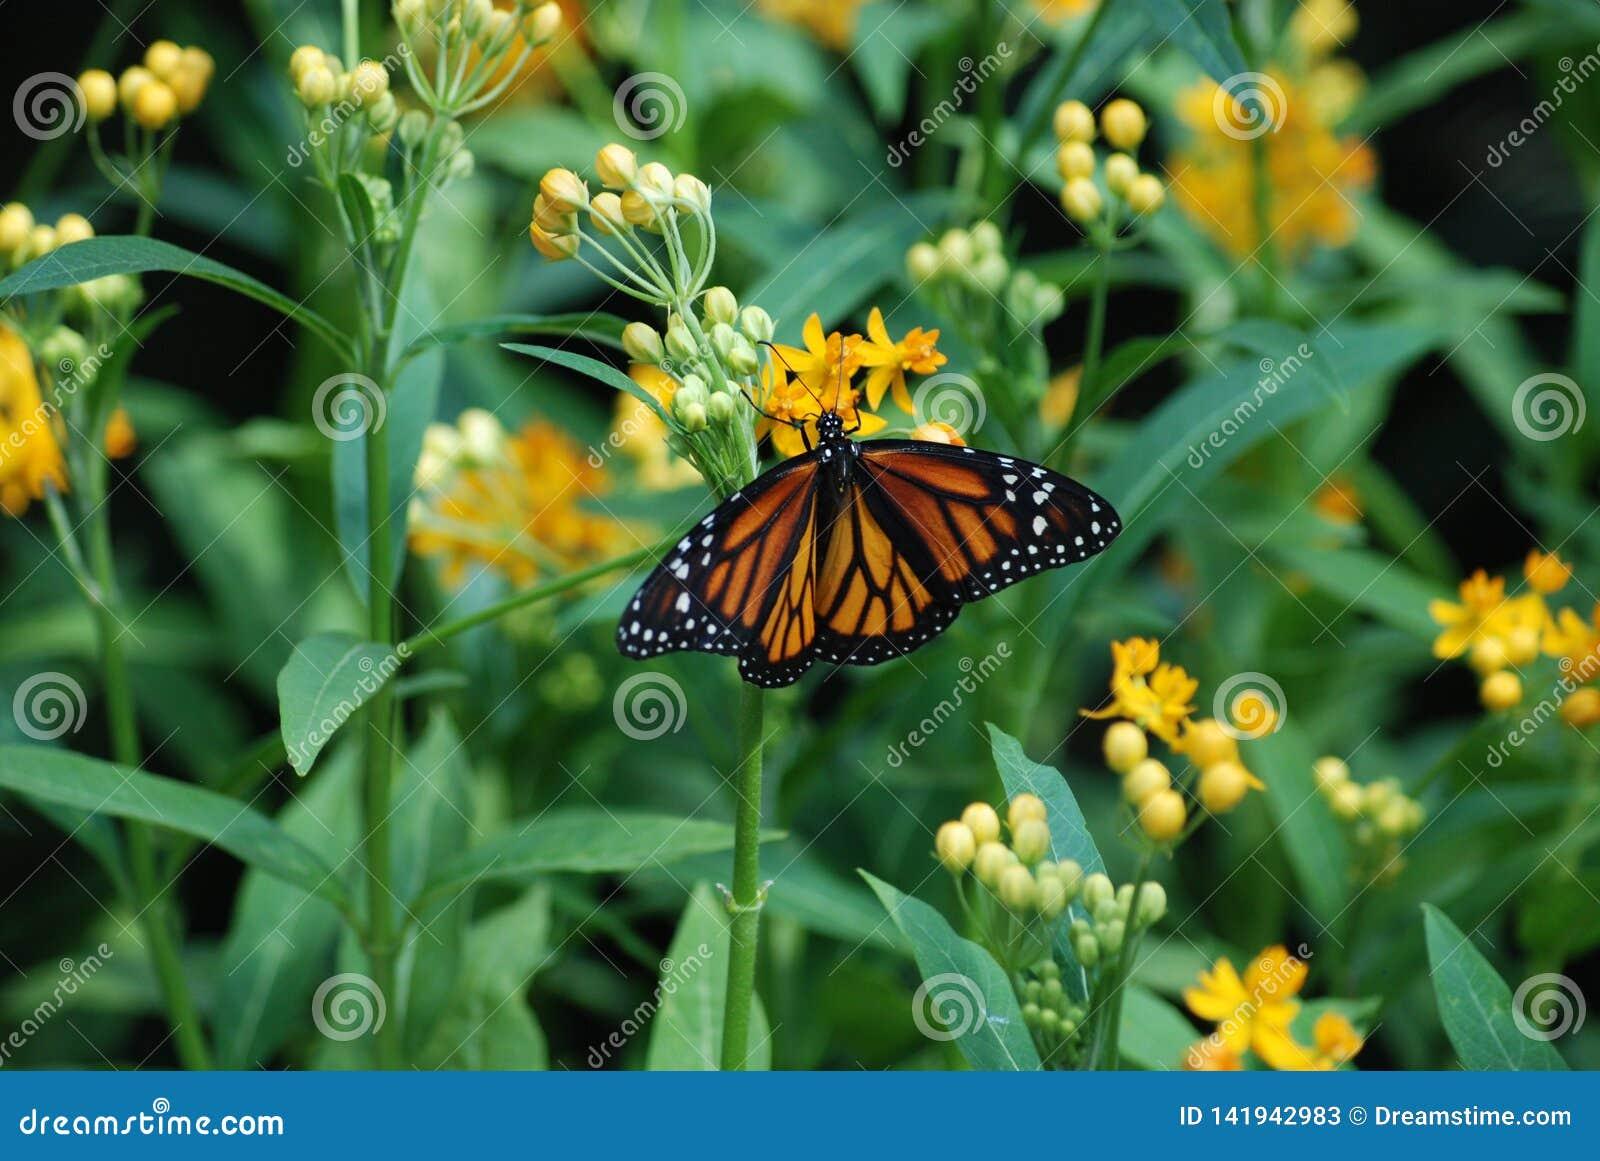 Un angelo custode - farfalla di monarca che si alimenta fiore giallo